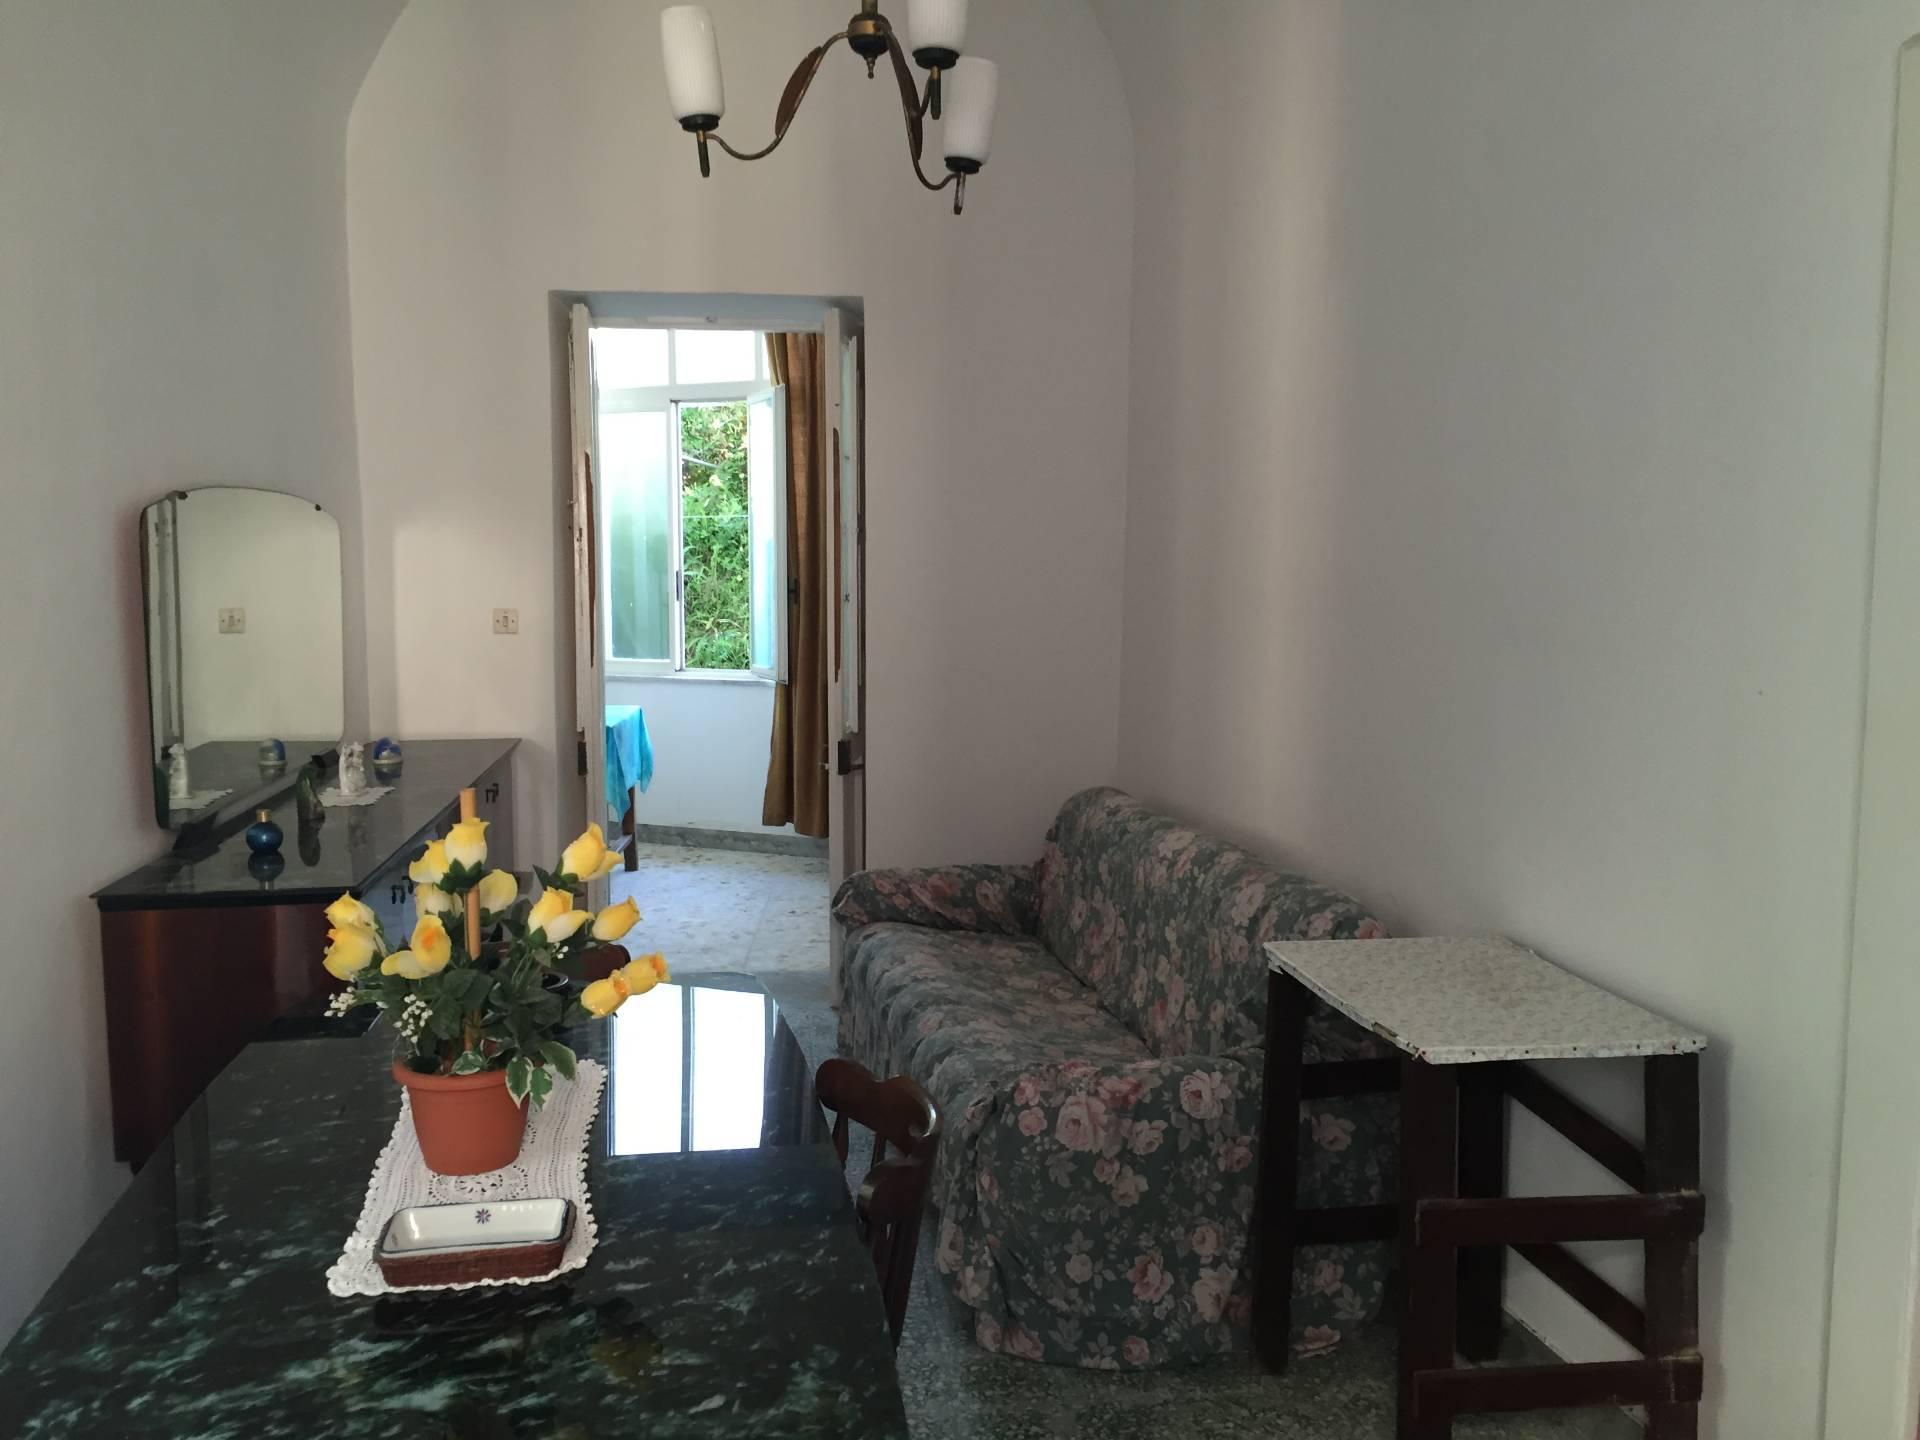 Appartamento in vendita a Barano d'Ischia, 5 locali, prezzo € 250.000 | Cambio Casa.it